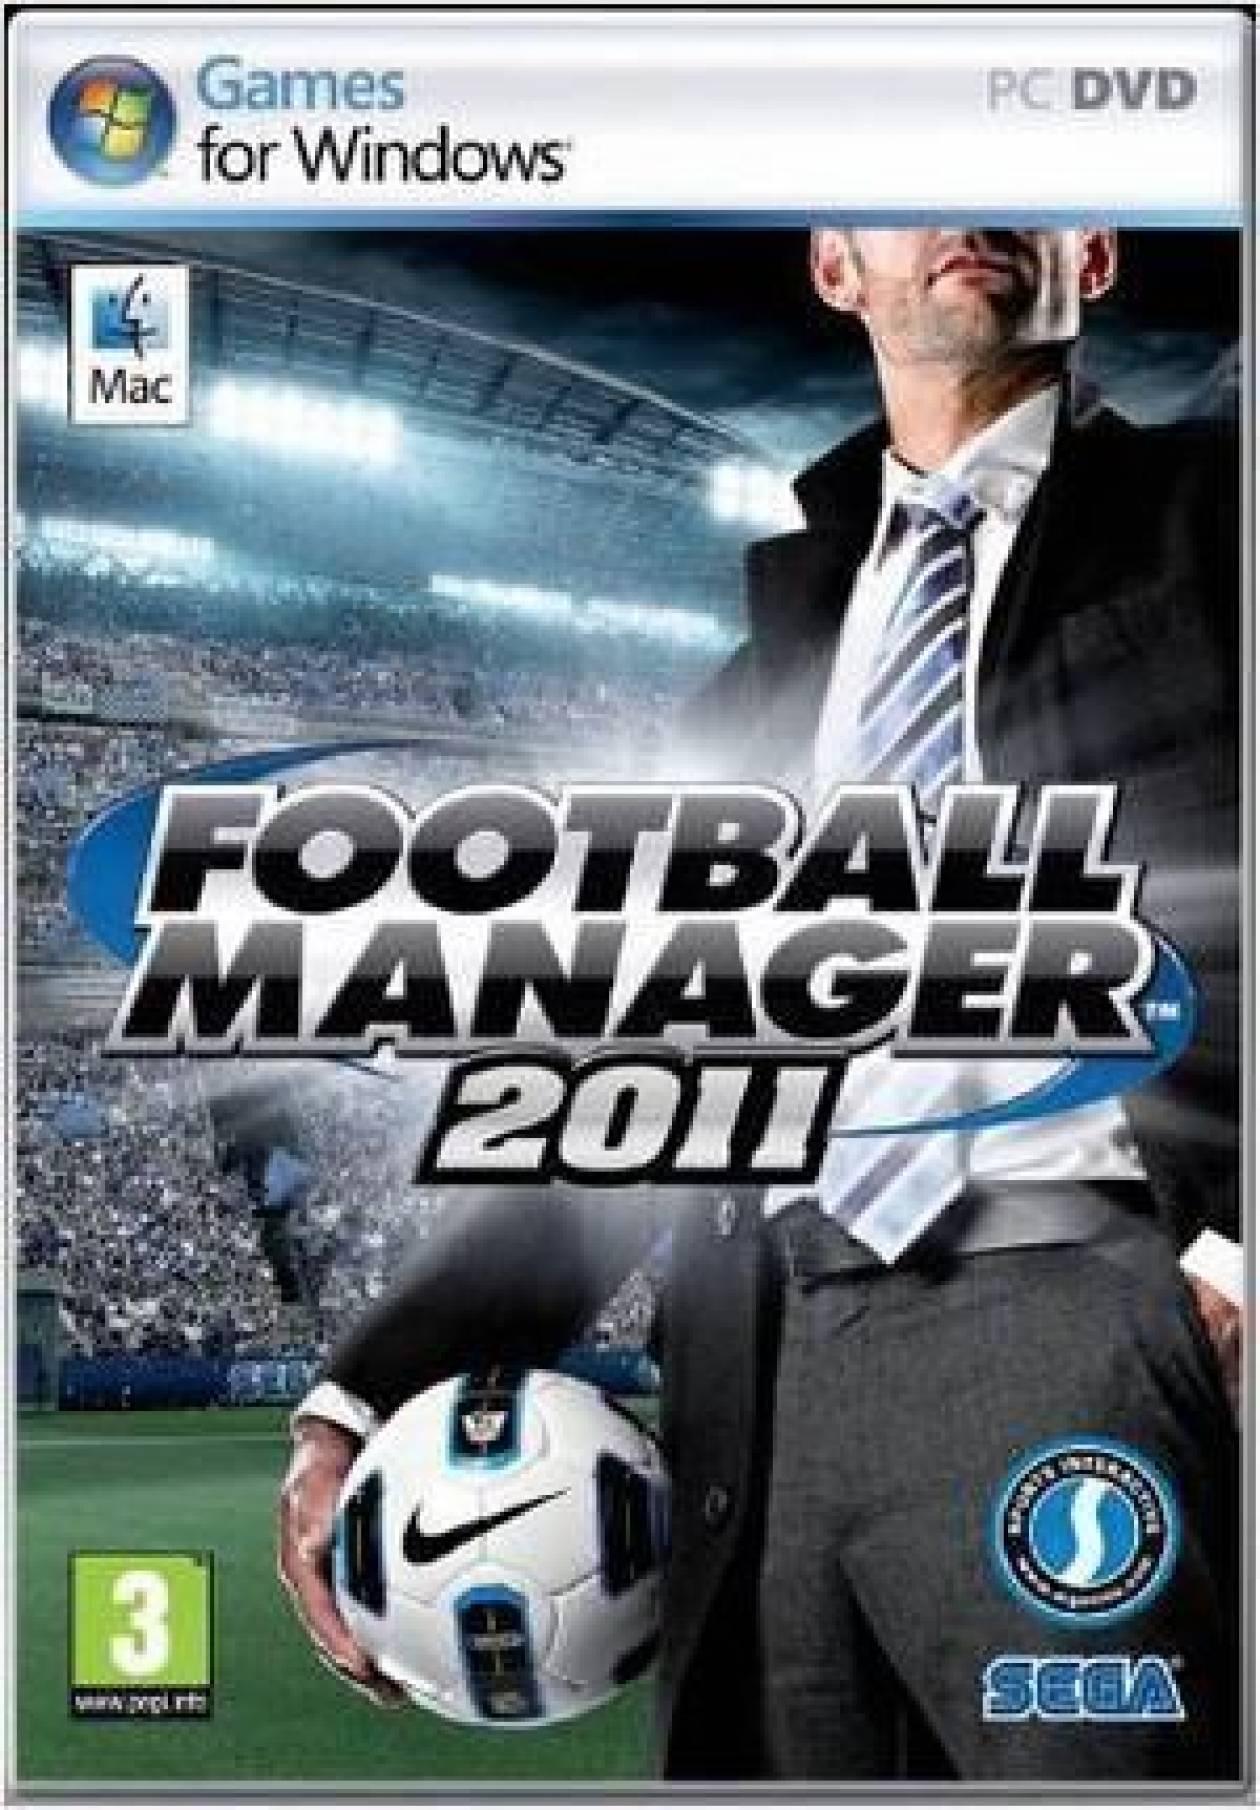 Στις 5 Νοεμβρίου το Football Manager 2011